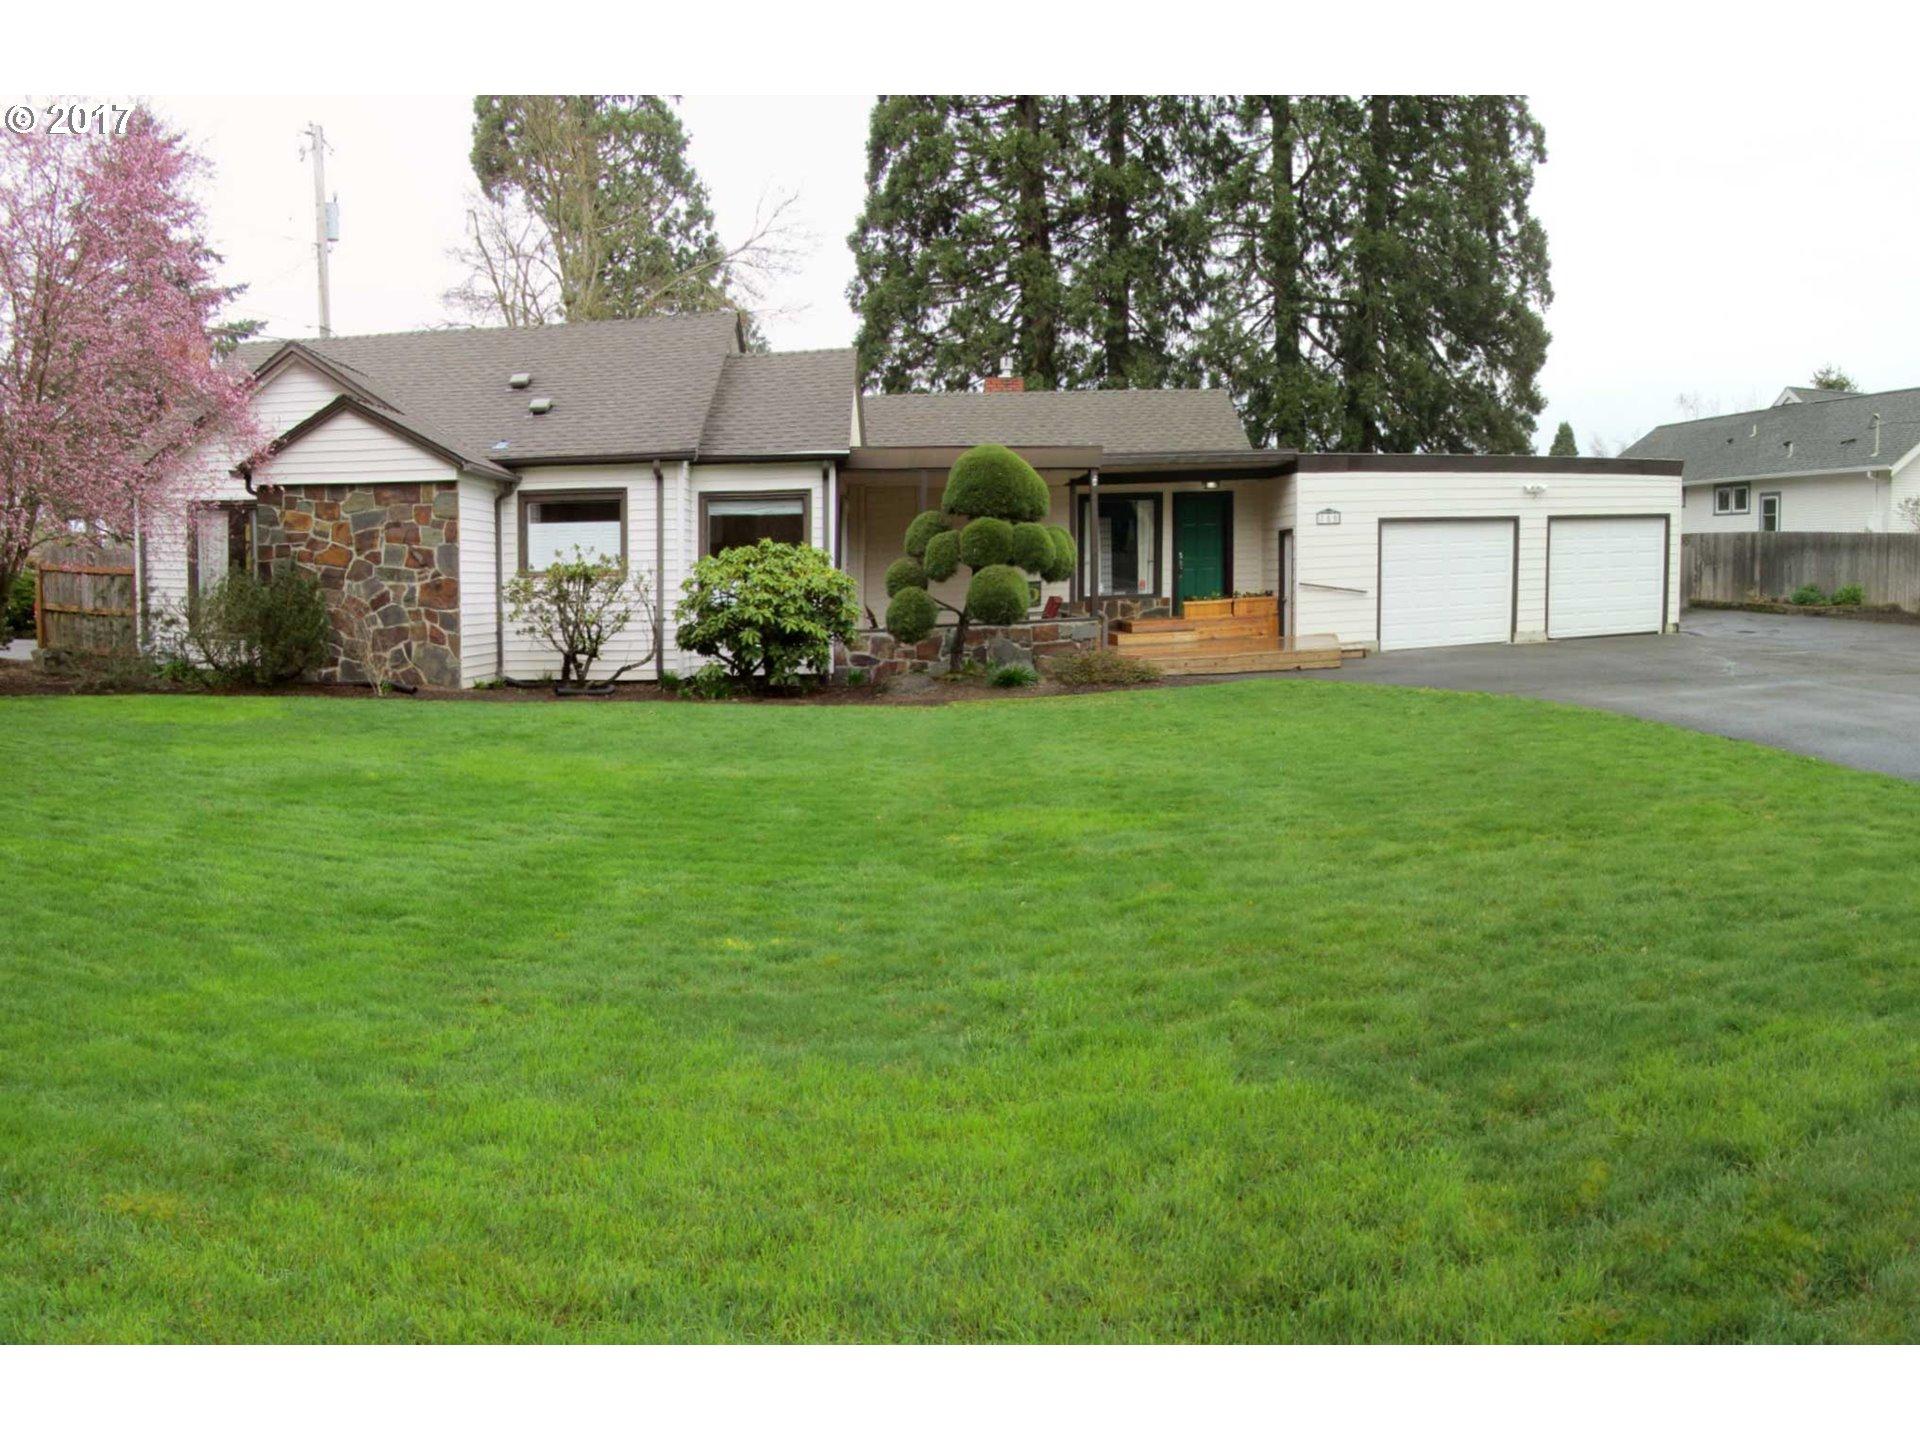 755 HORN LN, Eugene, OR 97404